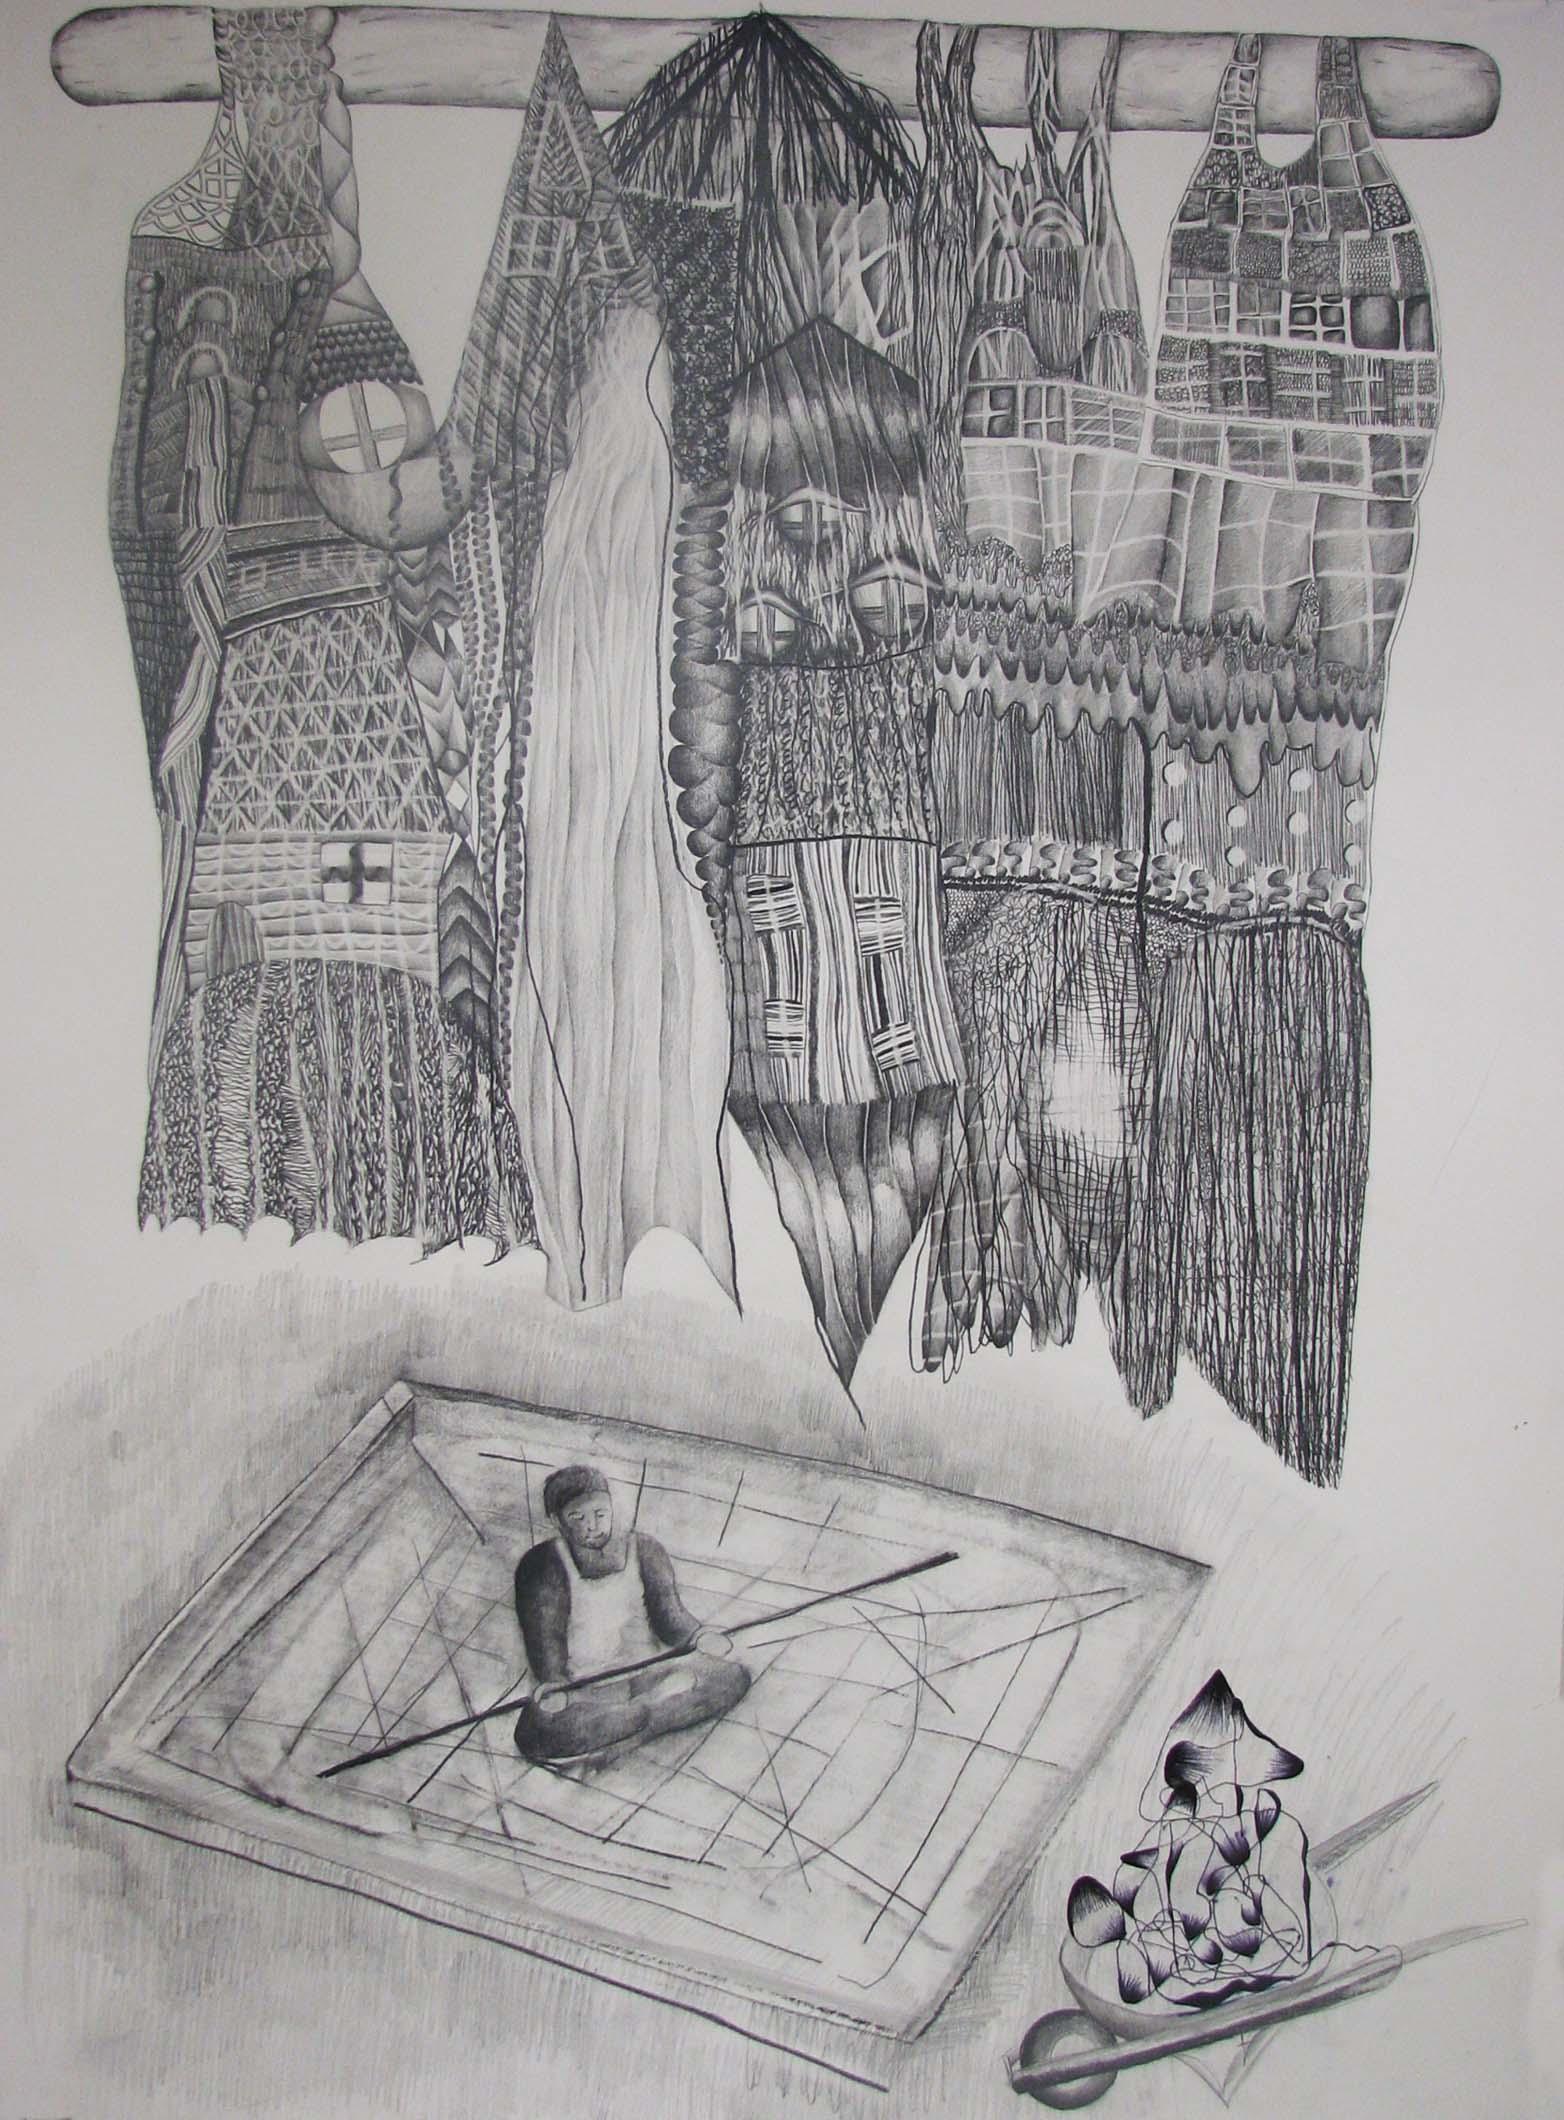 Bez názvu, 2012, 59,4×84,1 cm, tužka na papíře